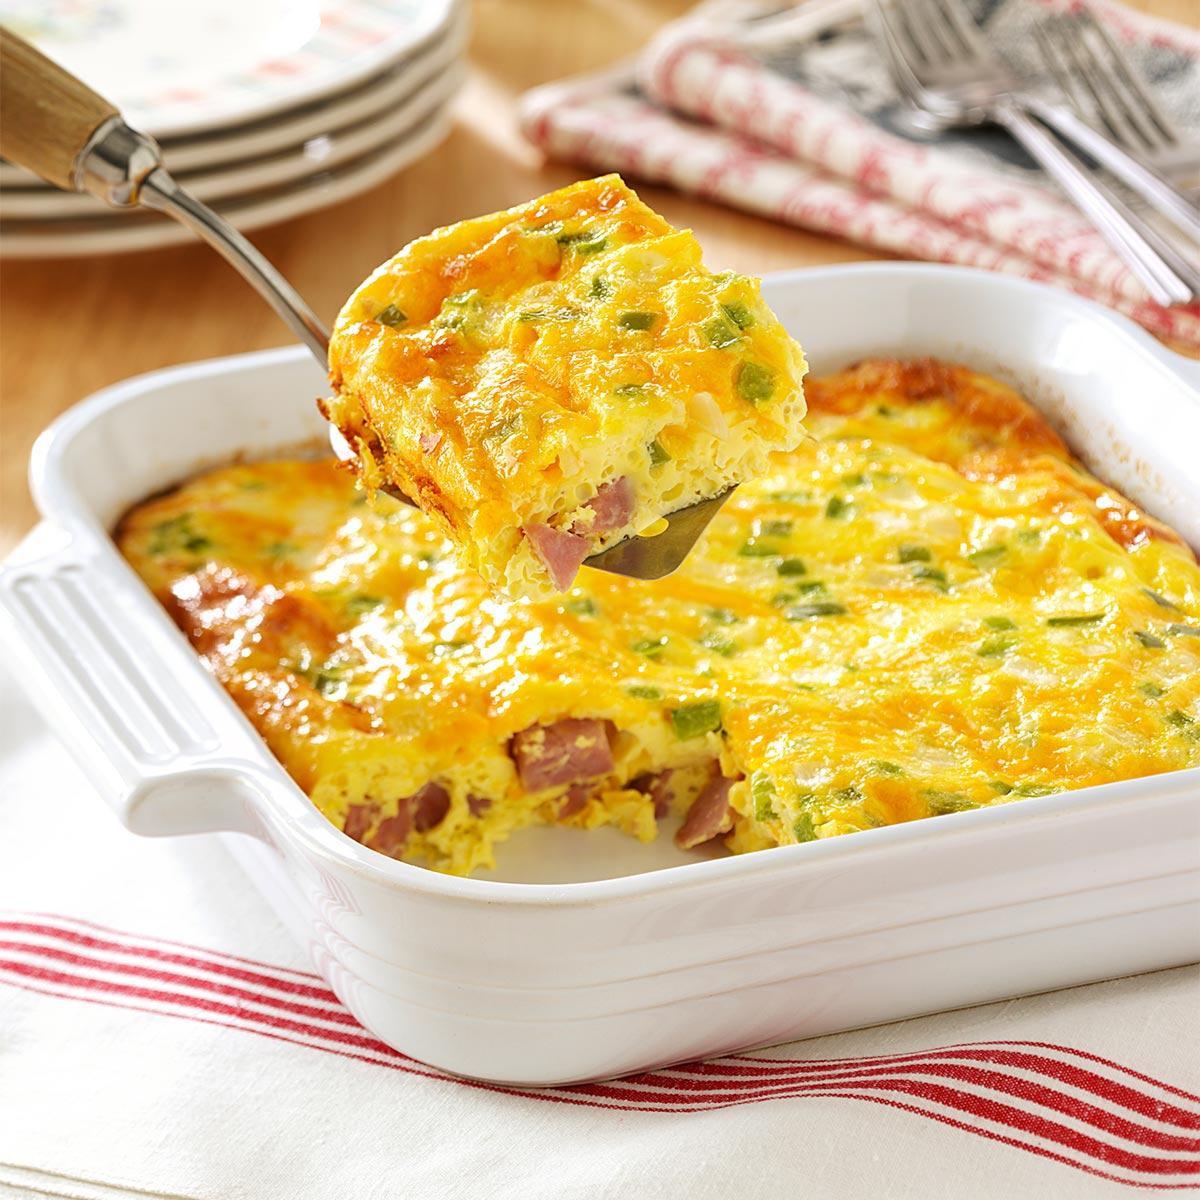 Healthy Breakfast Denver  Oven Denver Omelet Recipe